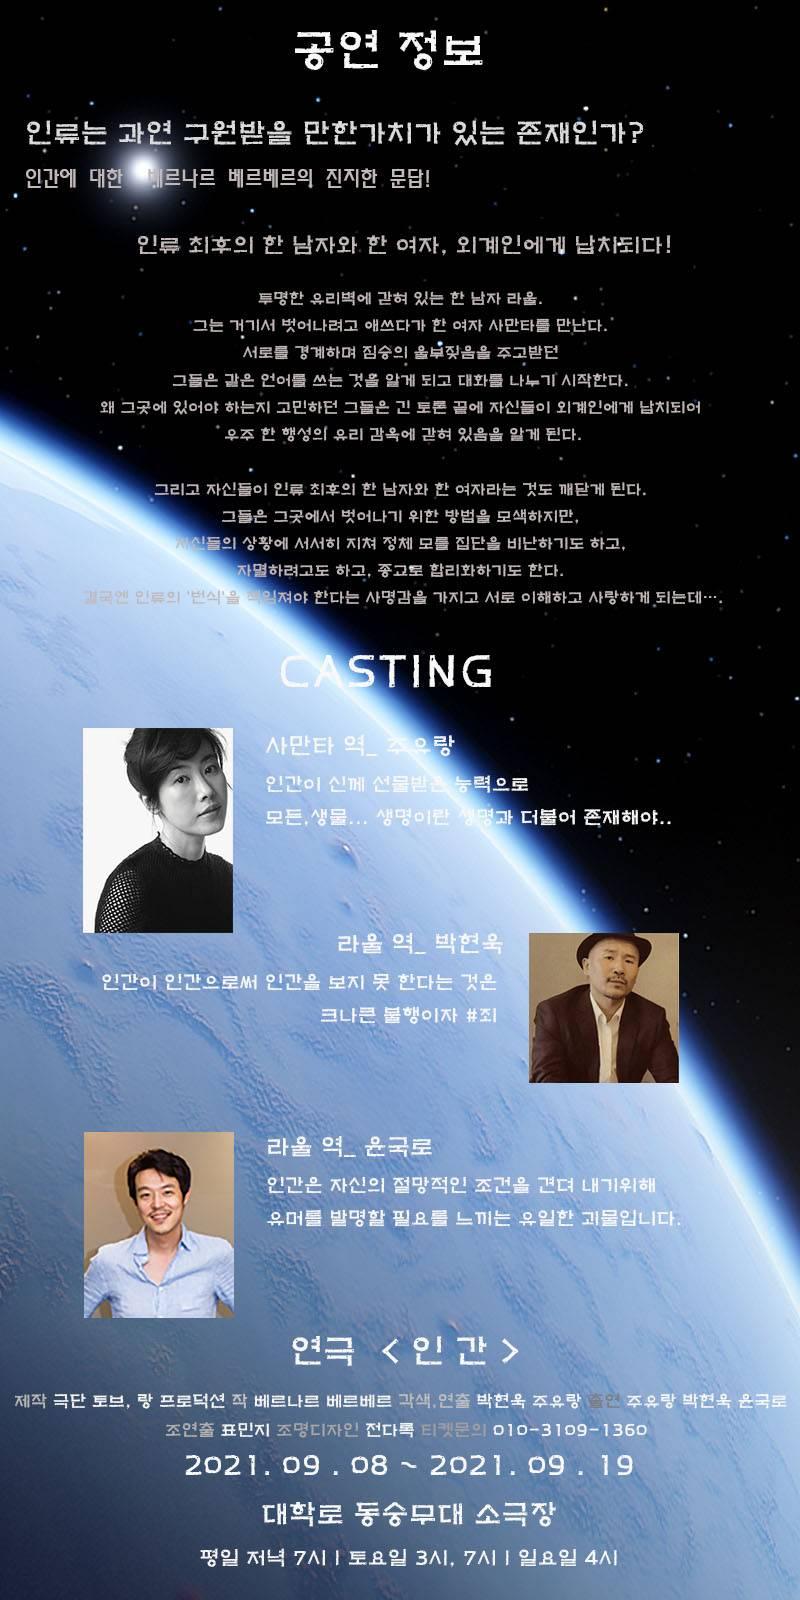 연극 '인간' 관람 이벤트에 회원 여러분을 초대합니다 (11일 15시) | 인스티즈